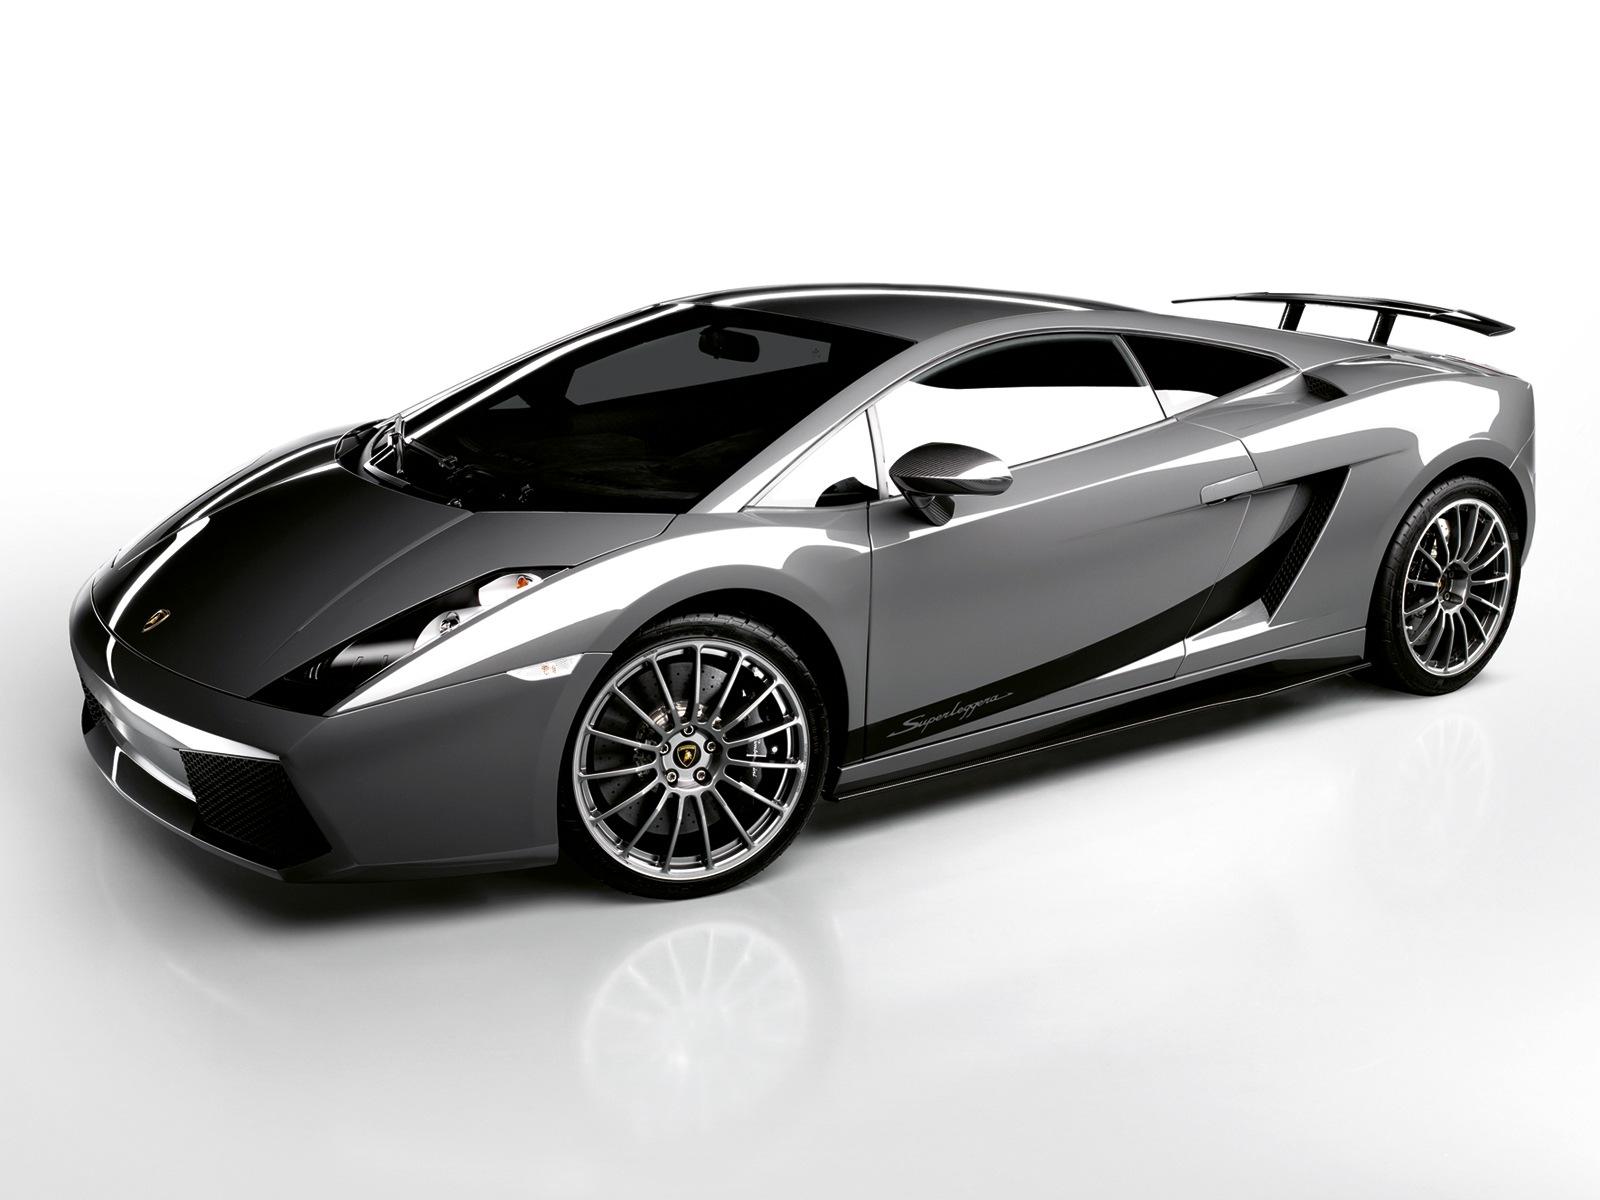 Spesifikasi Lamborghini Gallardo